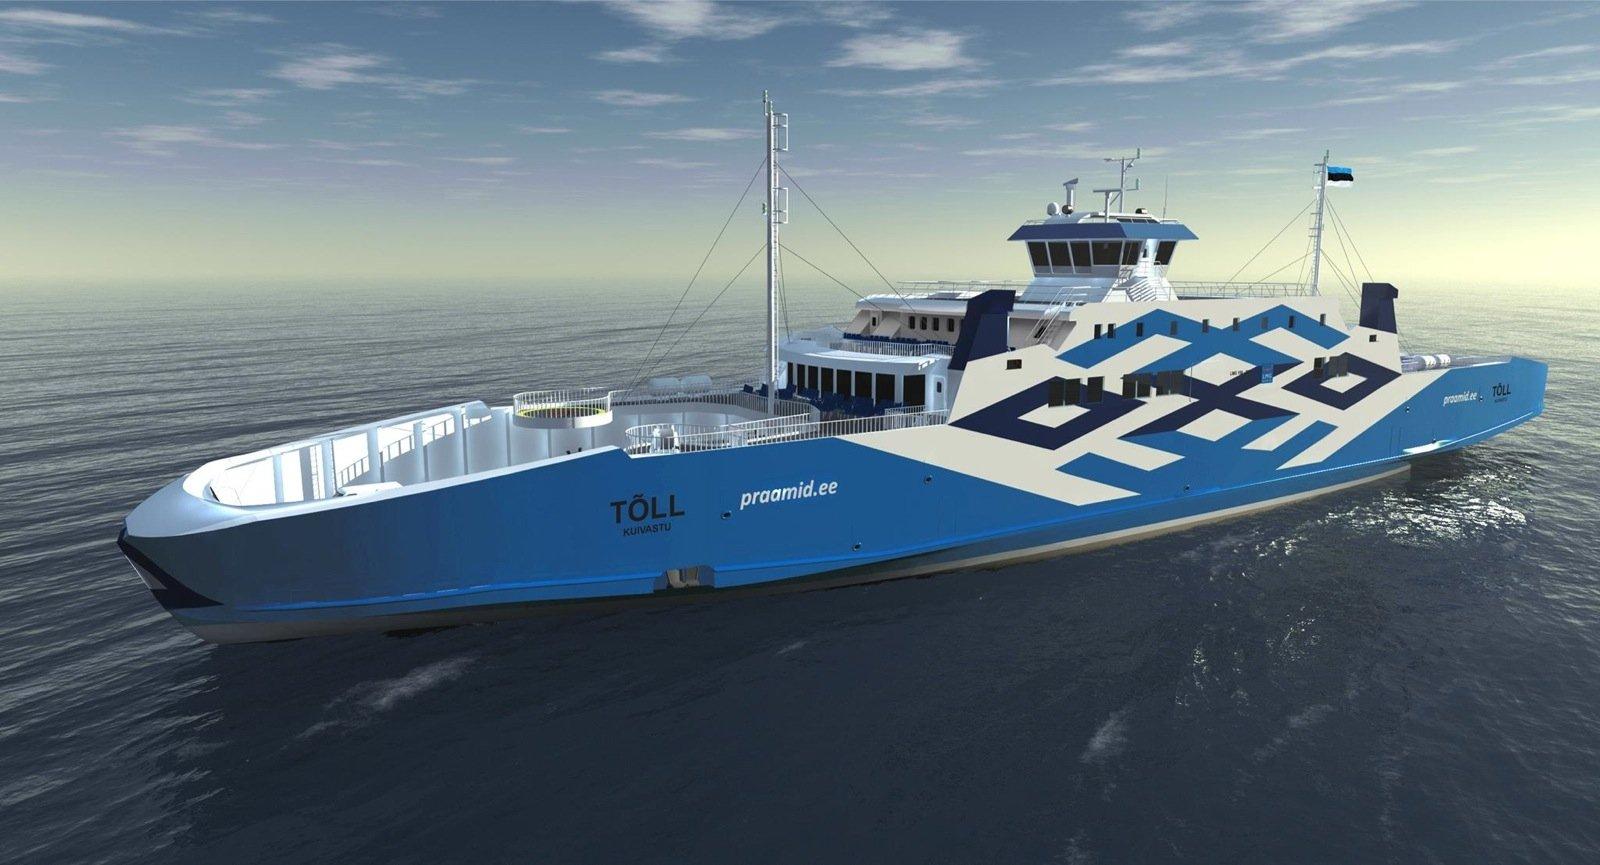 Eesti Ekspress kirjutab, et kumbki Türgi ehitatav parvlaev maksab 22,8 miljonit eurot ja kumbki Poolas ehitatav 31,5 miljonit. Laevaost on arvatust märksa odavam. Tallinna Sadam on enam kui aasta aega […]